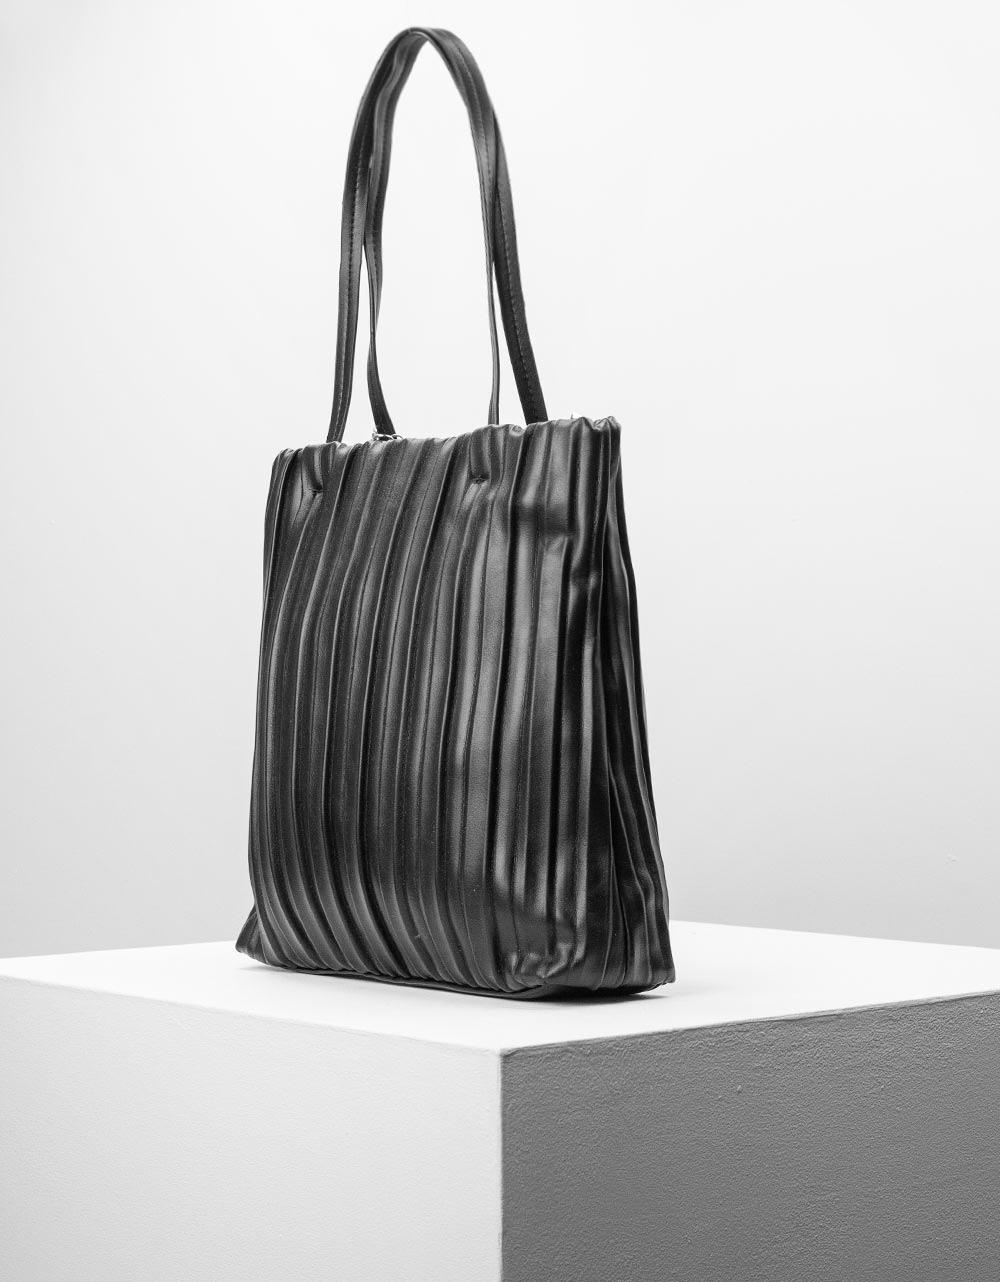 Εικόνα από Γυναικεία τσάντα ώμου πλισέ με εξωτερικό πορτοφόλι Μαύρο